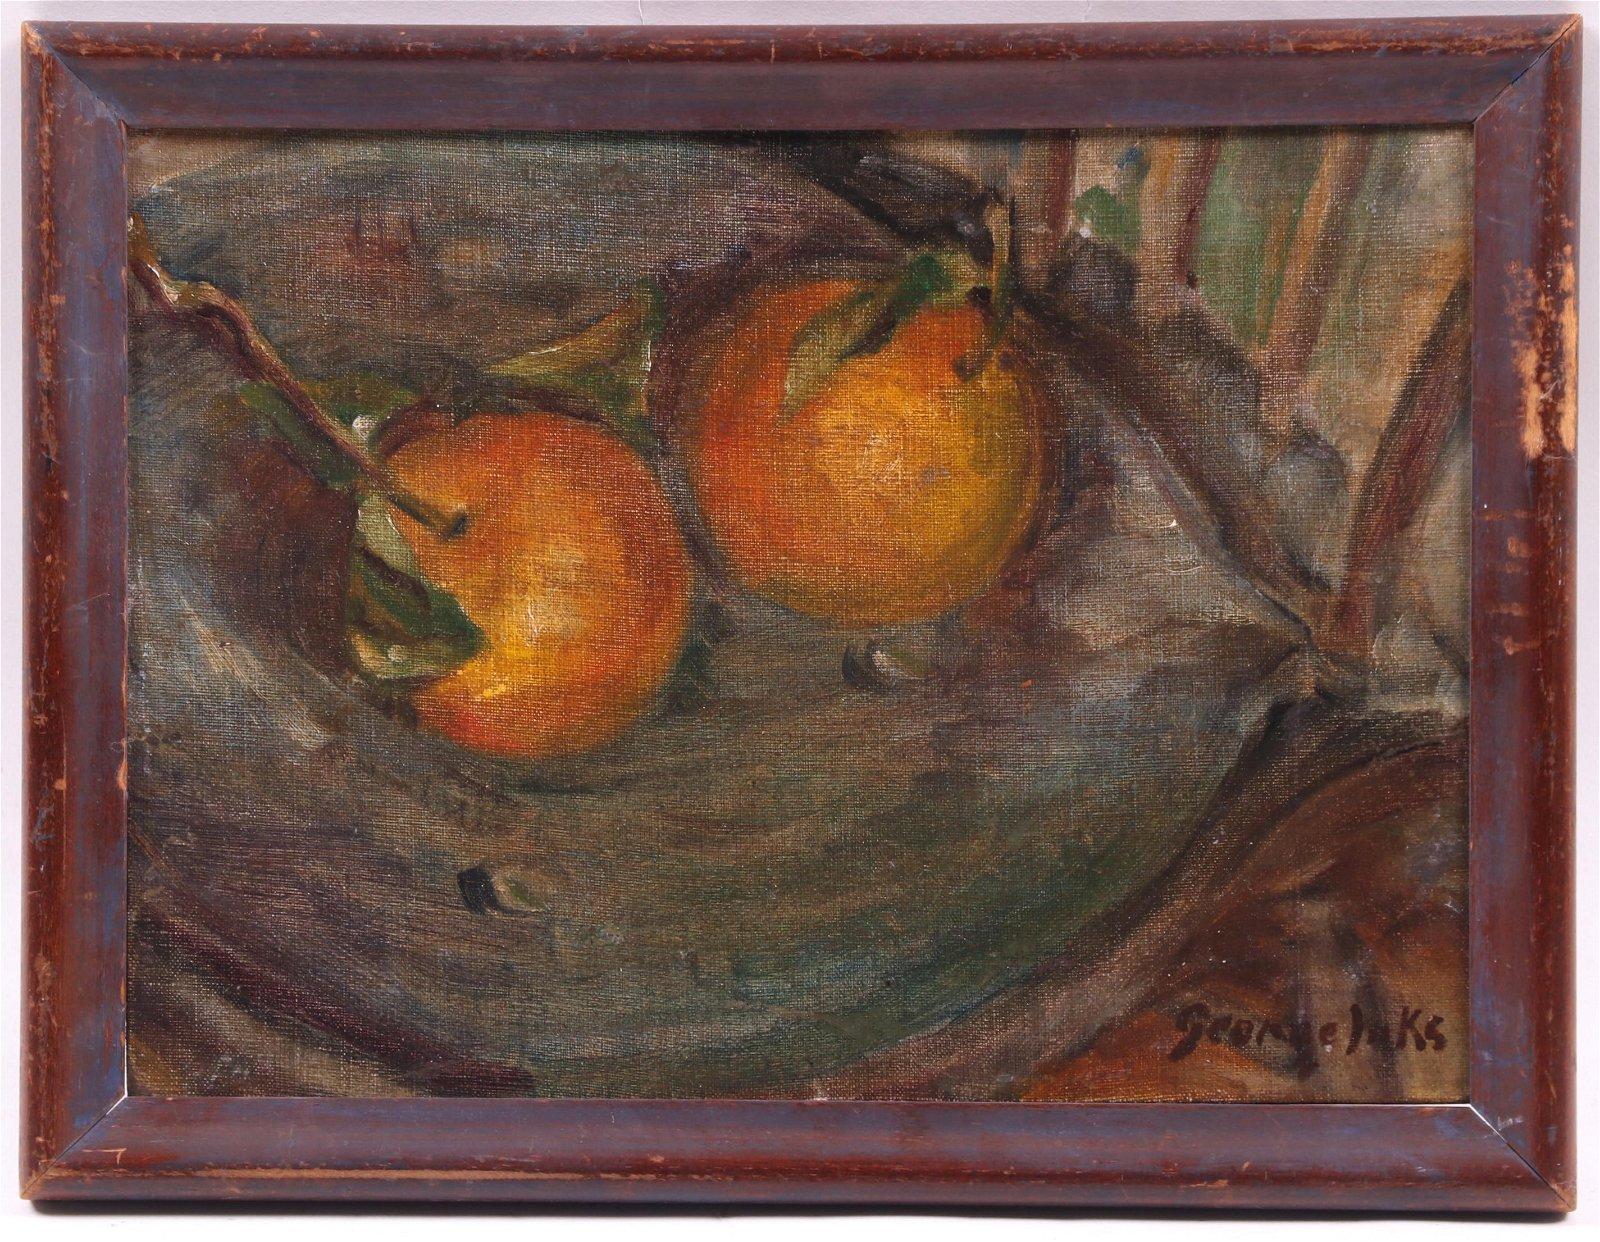 George Luks (American 1867-1933) Oil on Board